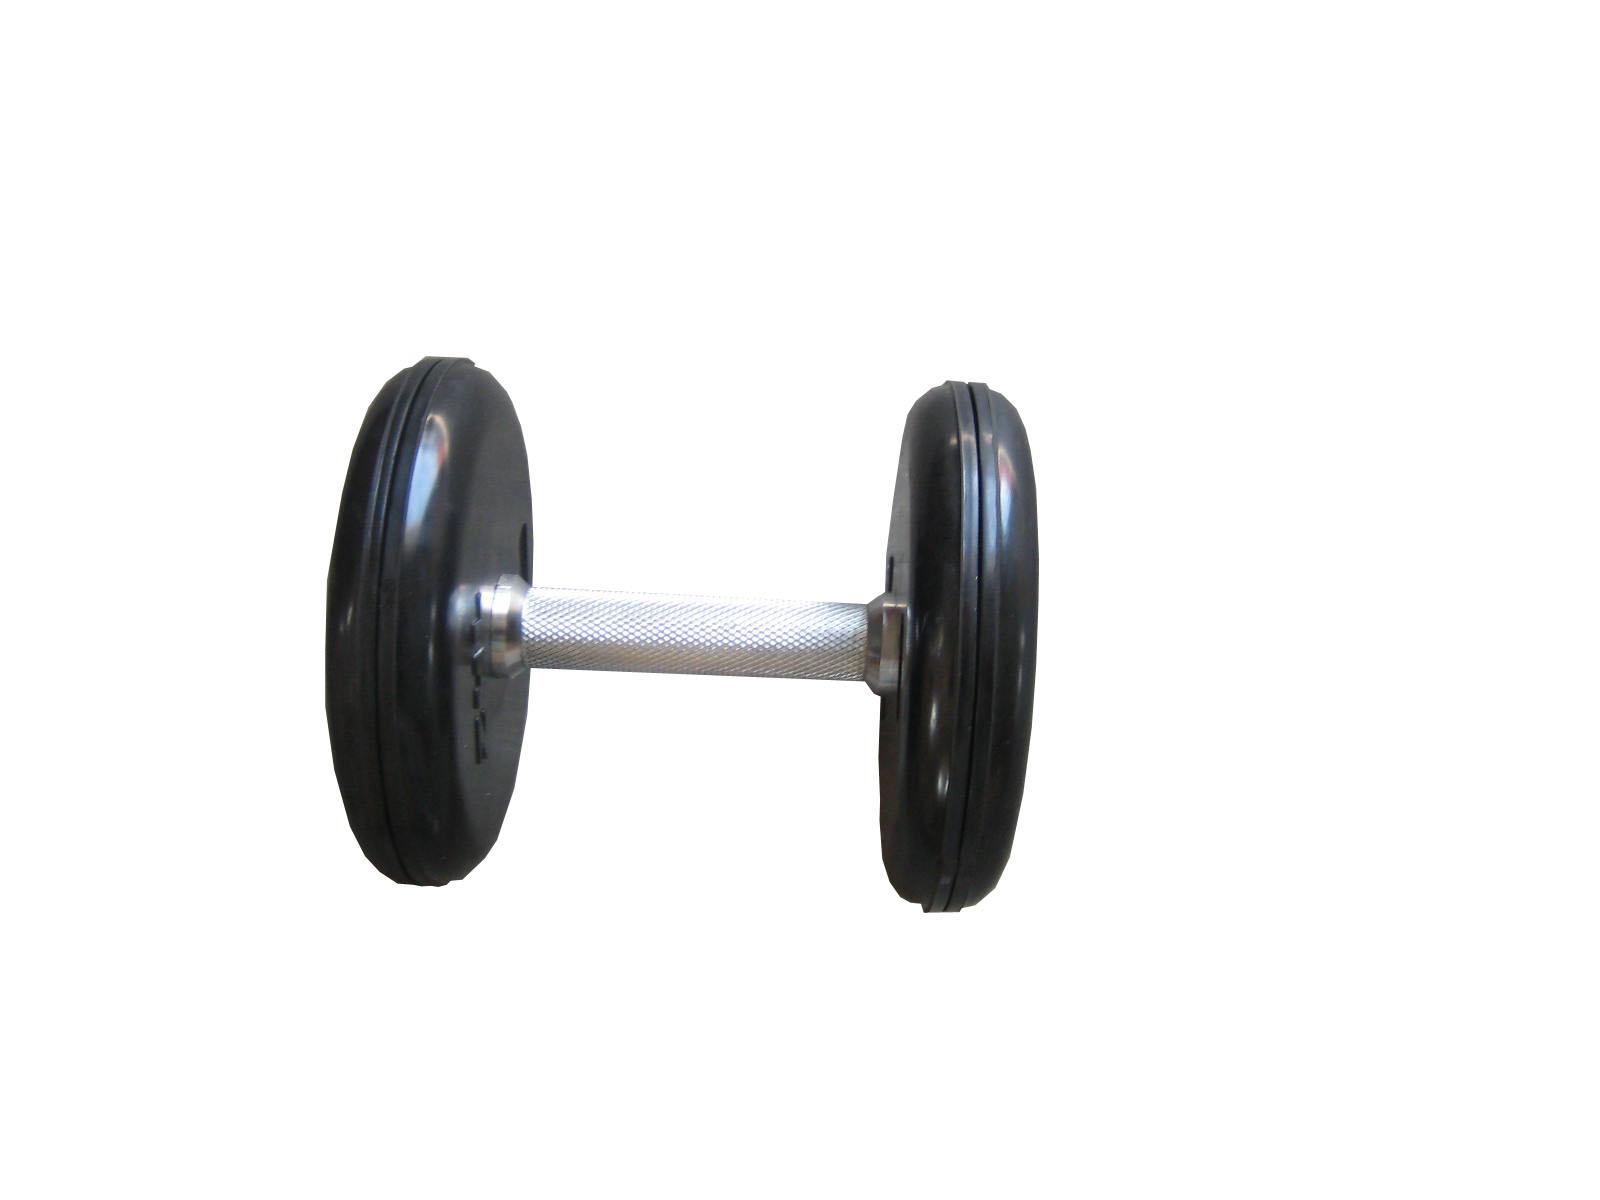 Činky jednoruční pogumované 8kg Jednoručky pogumované 8kg